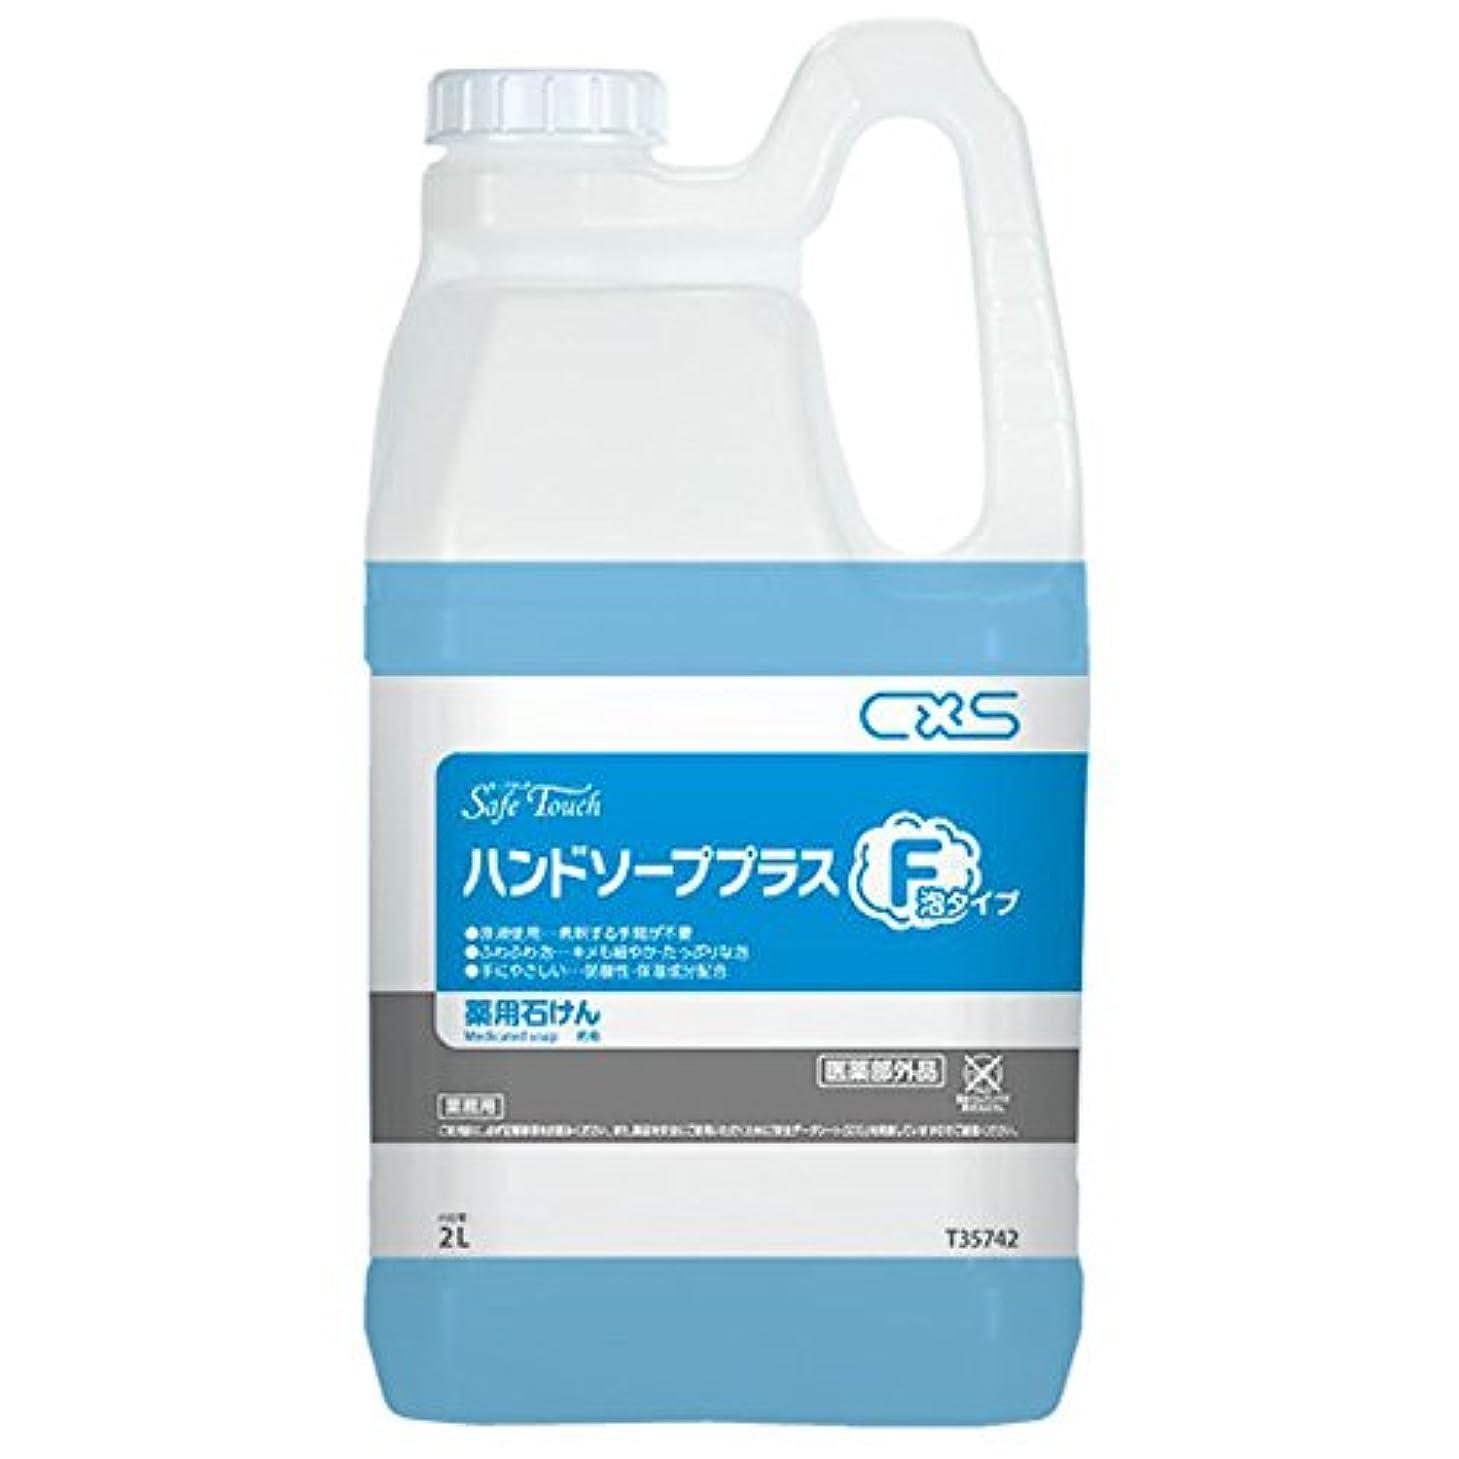 同志頑固なスケルトンシーバイエス(C×S) 殺菌?消毒用手洗い石けん セーフタッチハンドソーププラスF 2L